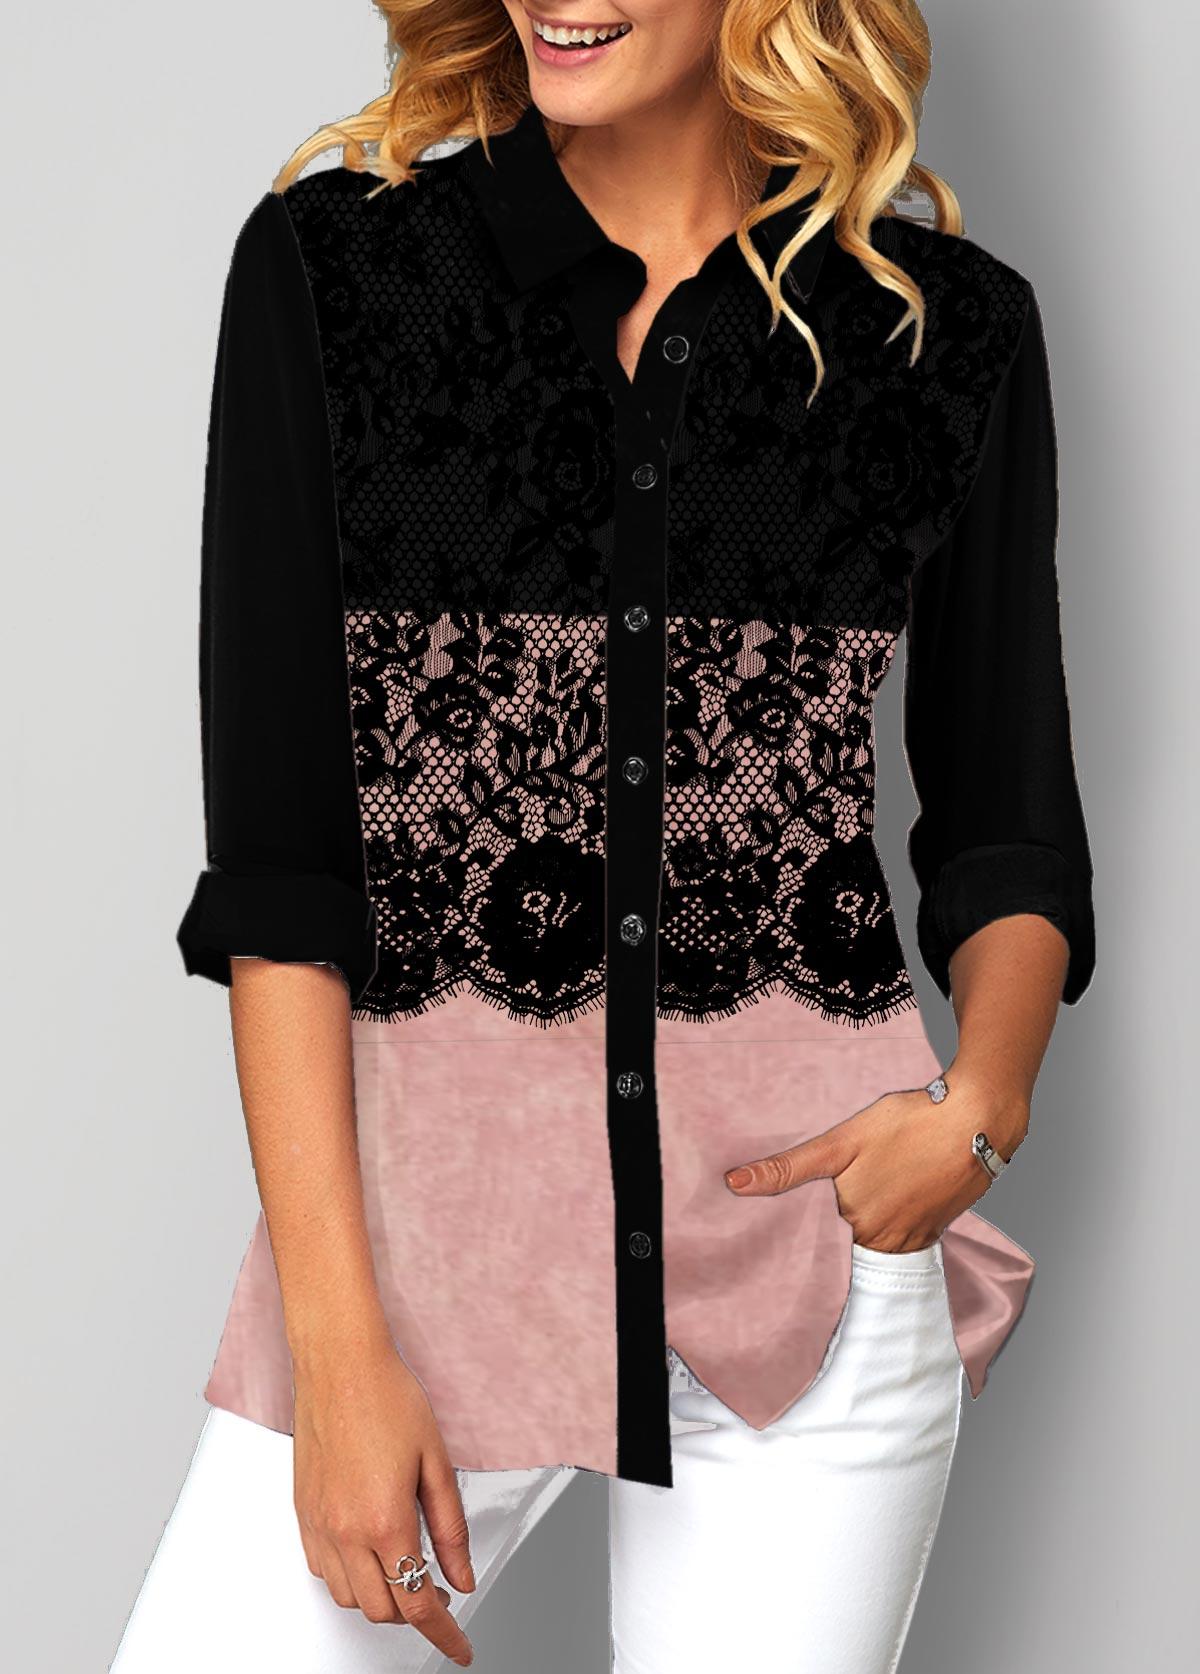 Lace Patchwork Button Up Color Block Blouse